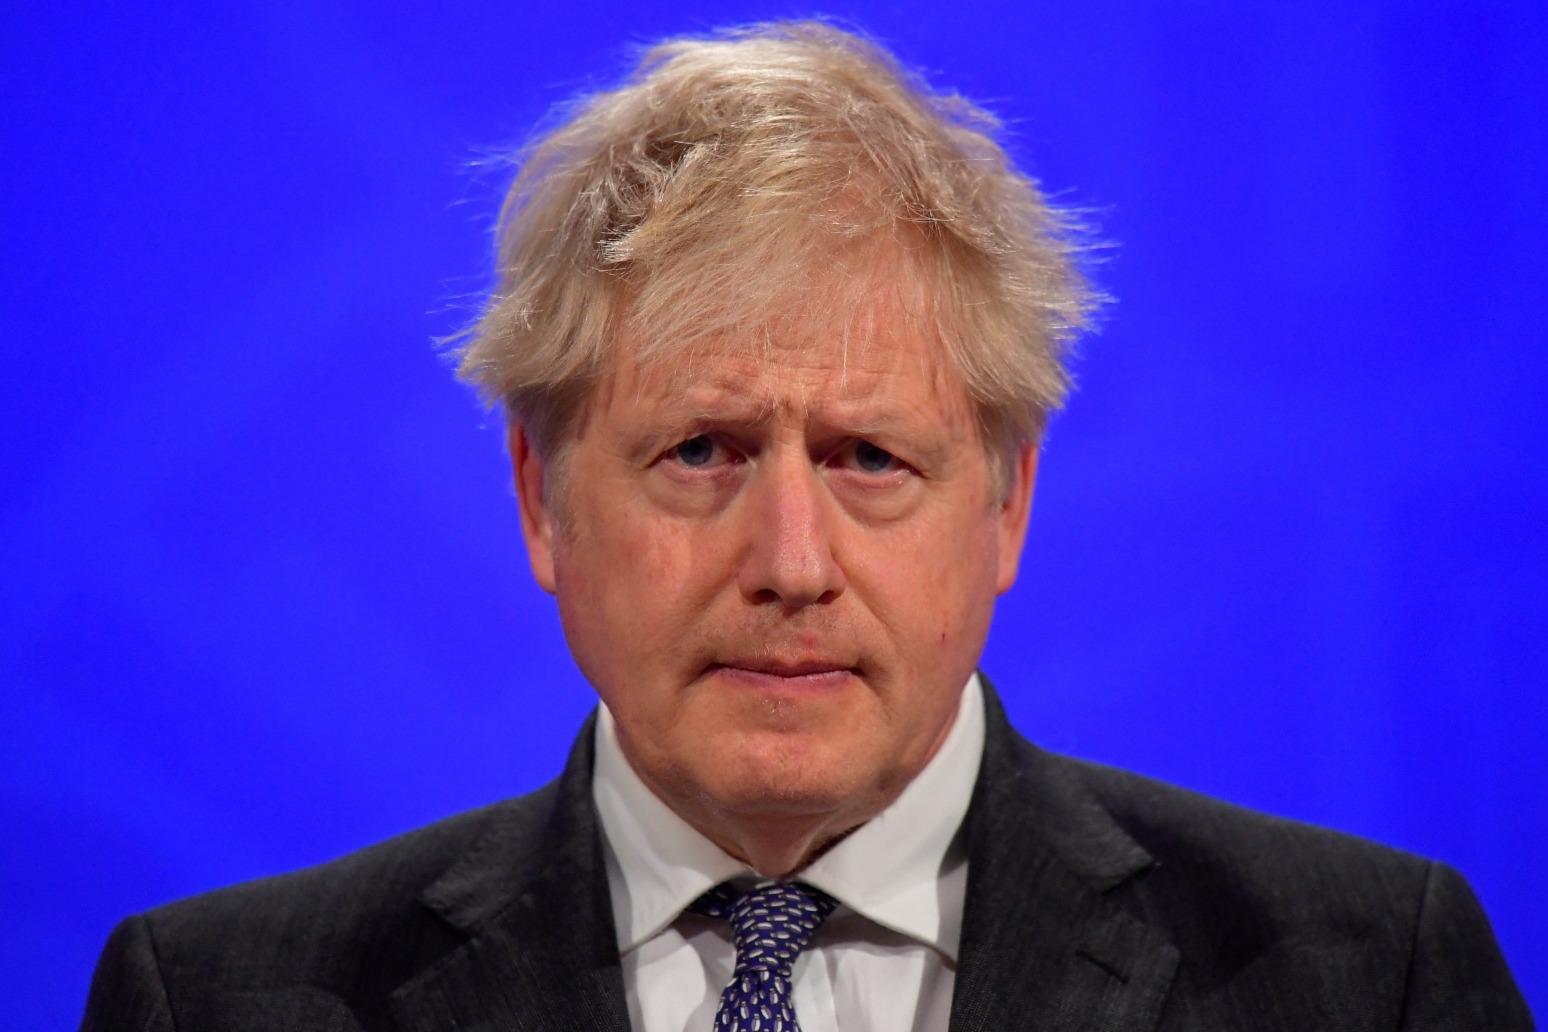 Boris Johnson's mother dies aged 79